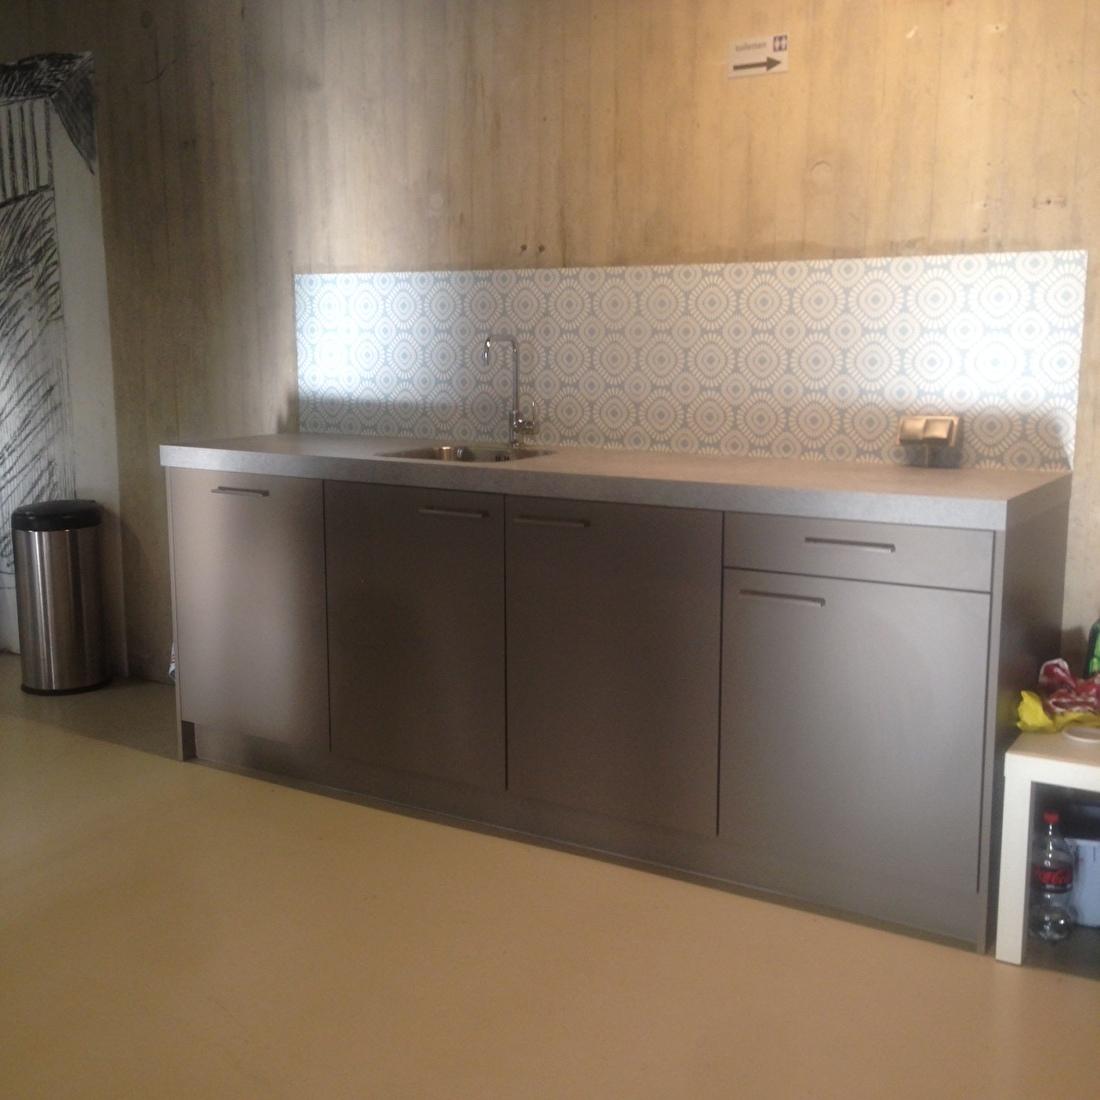 showroom kitchenwalls behangfabriek telefooncentrale